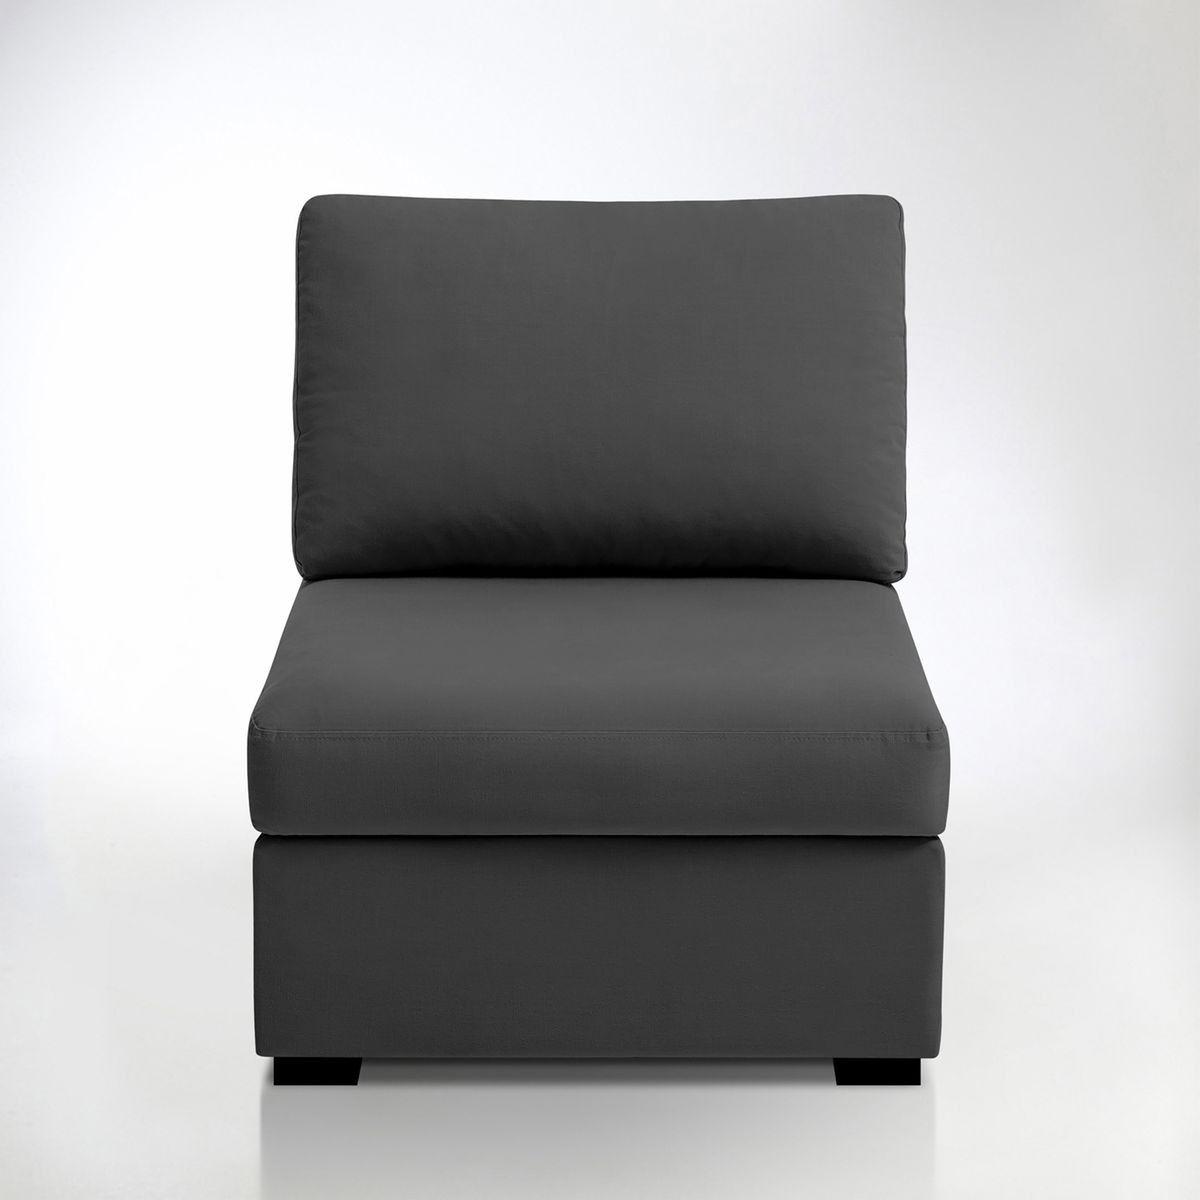 Chauffeuse Dehoussable Coton Robin Canape Modulable Chauffeuse Et Mobilier De Salon